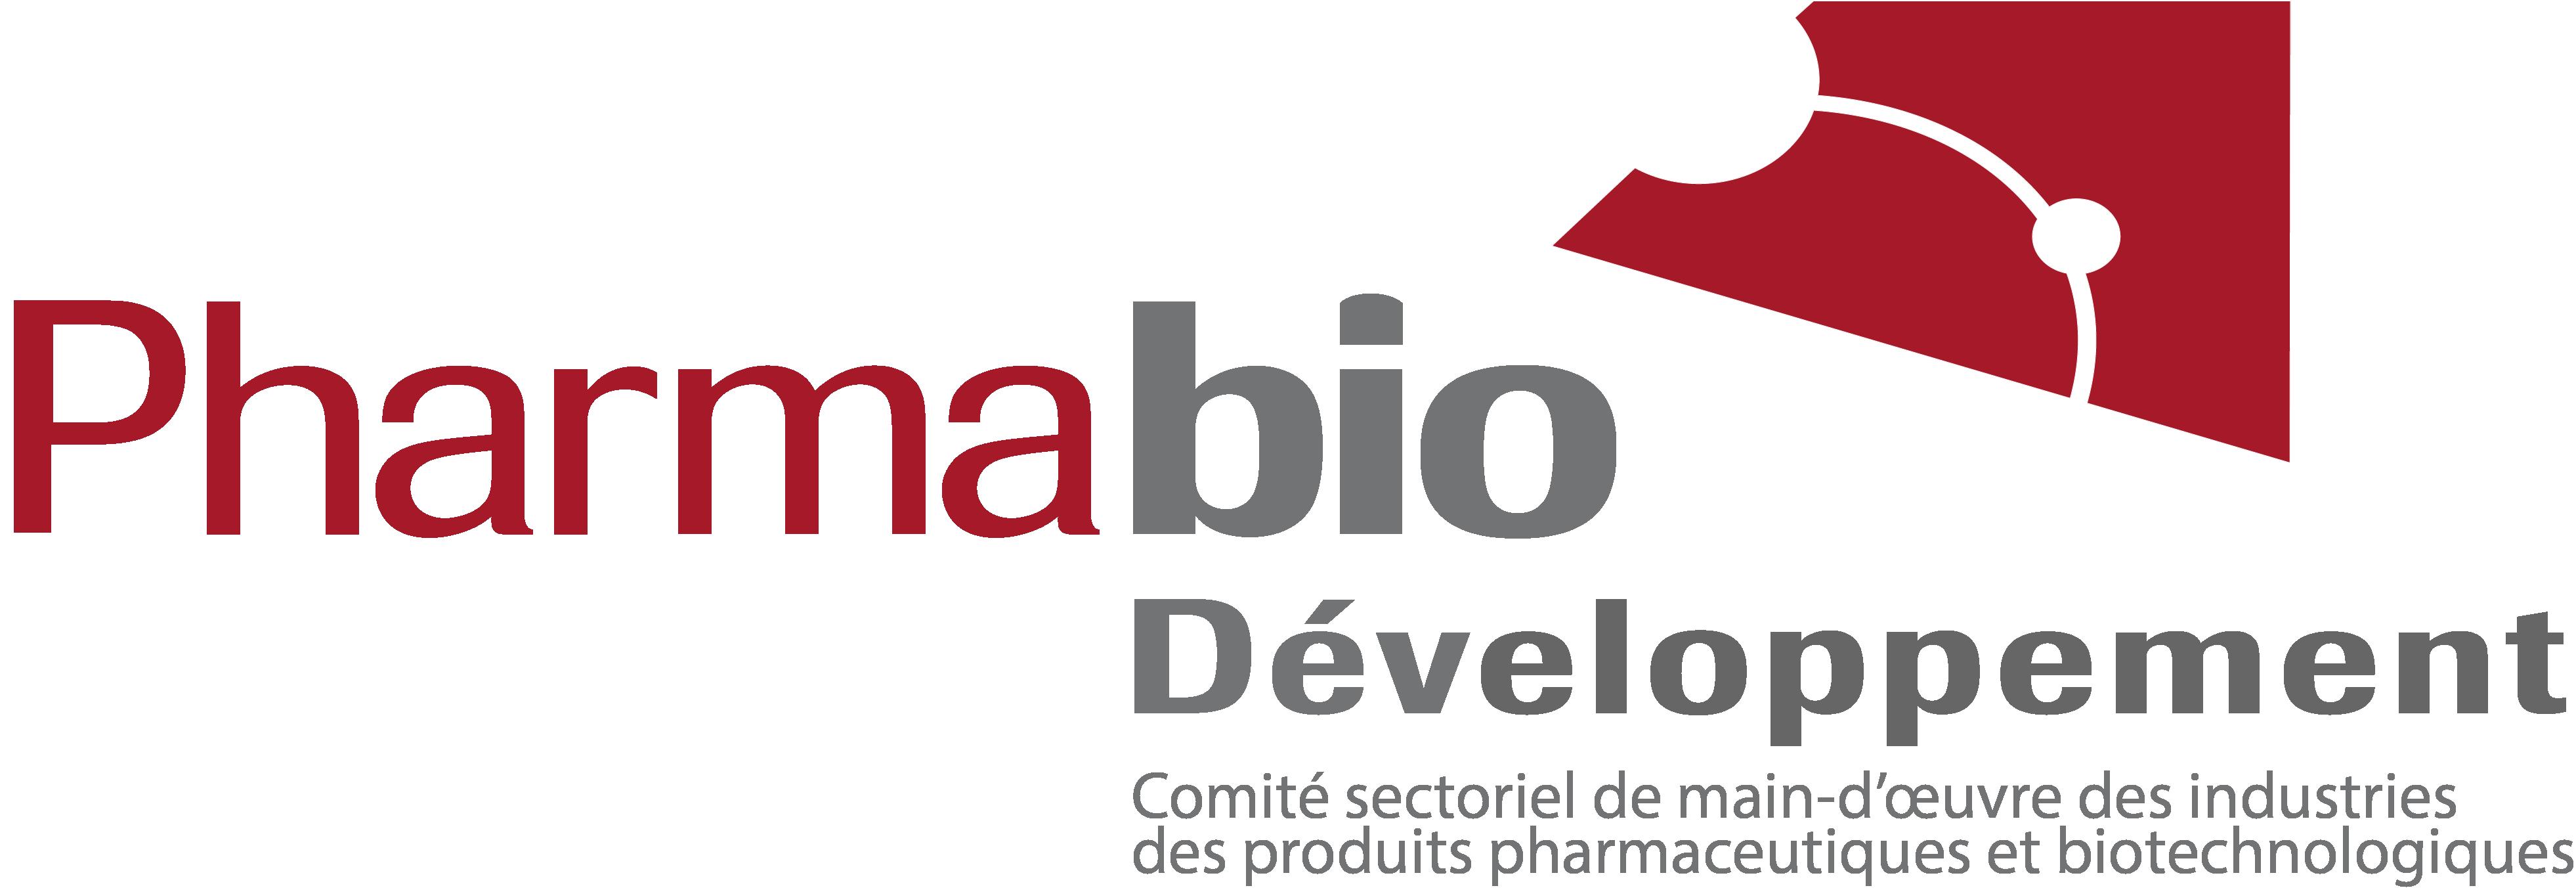 Pharmabio Développement